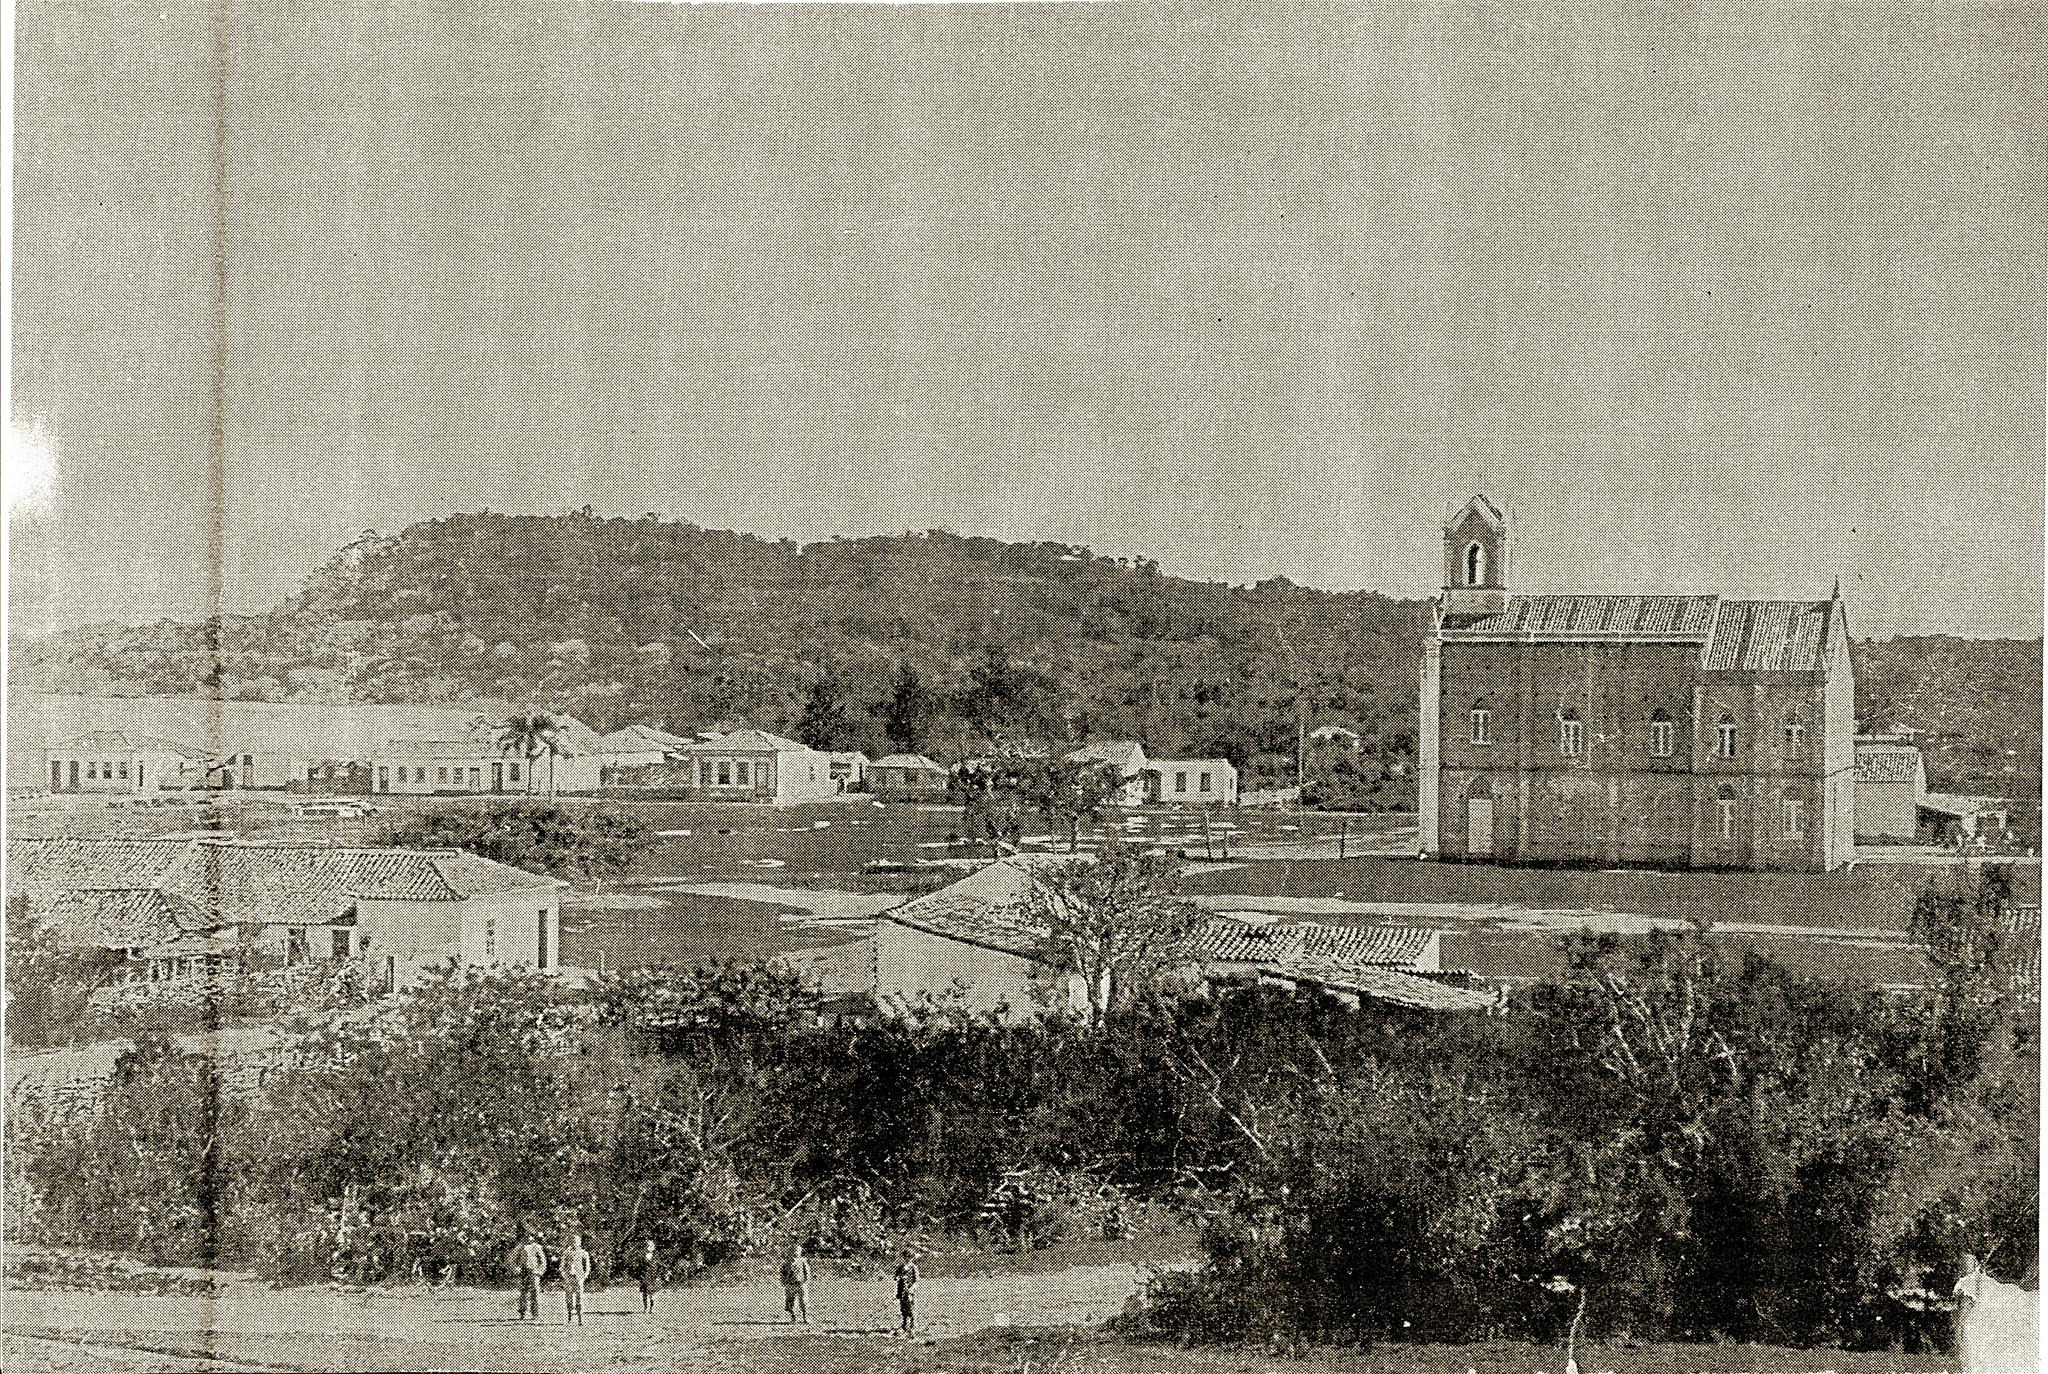 Igreja N. Sra. de Belém Novo, fotografada da casa de Inacio Antônio da Silva. Na época, a praça ainda não existia.